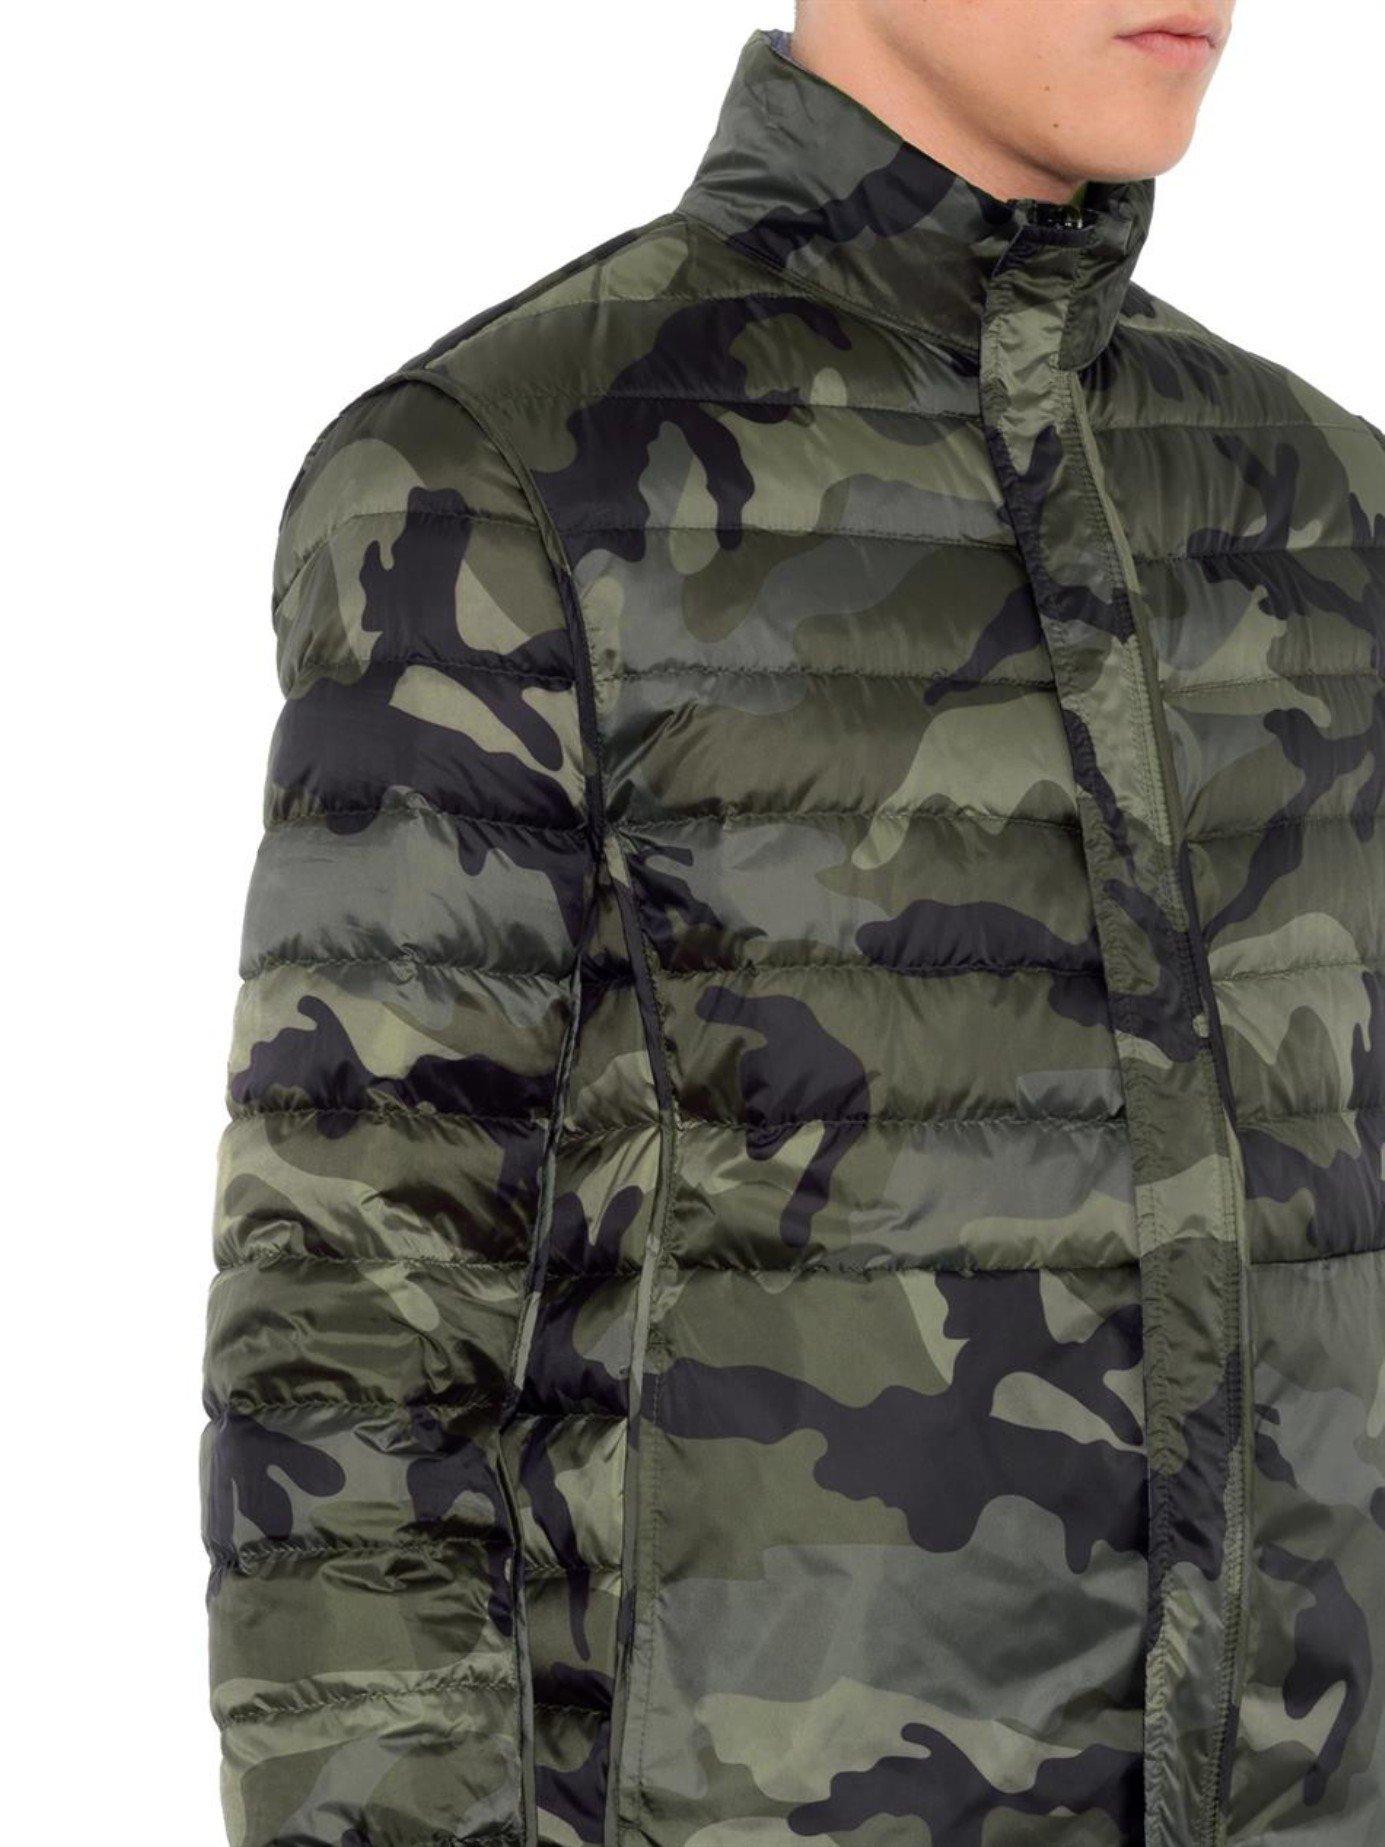 Carhartt Camo Jacket